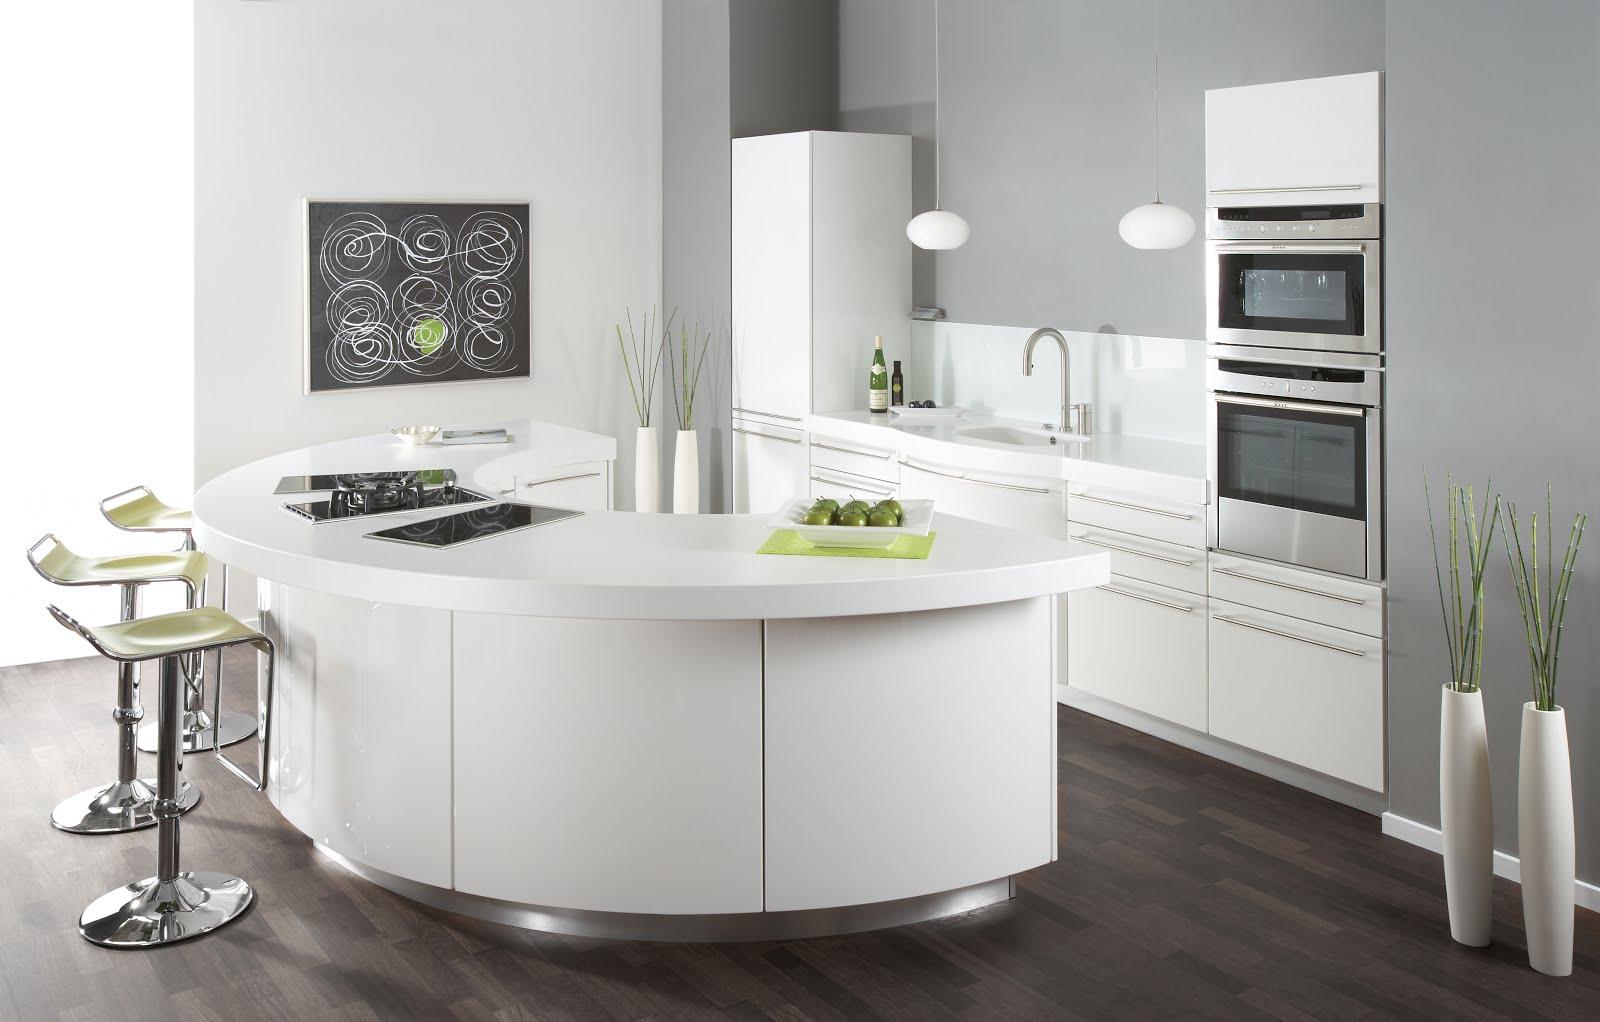 Luxury Kitchens Remarkable Ideas Luxury